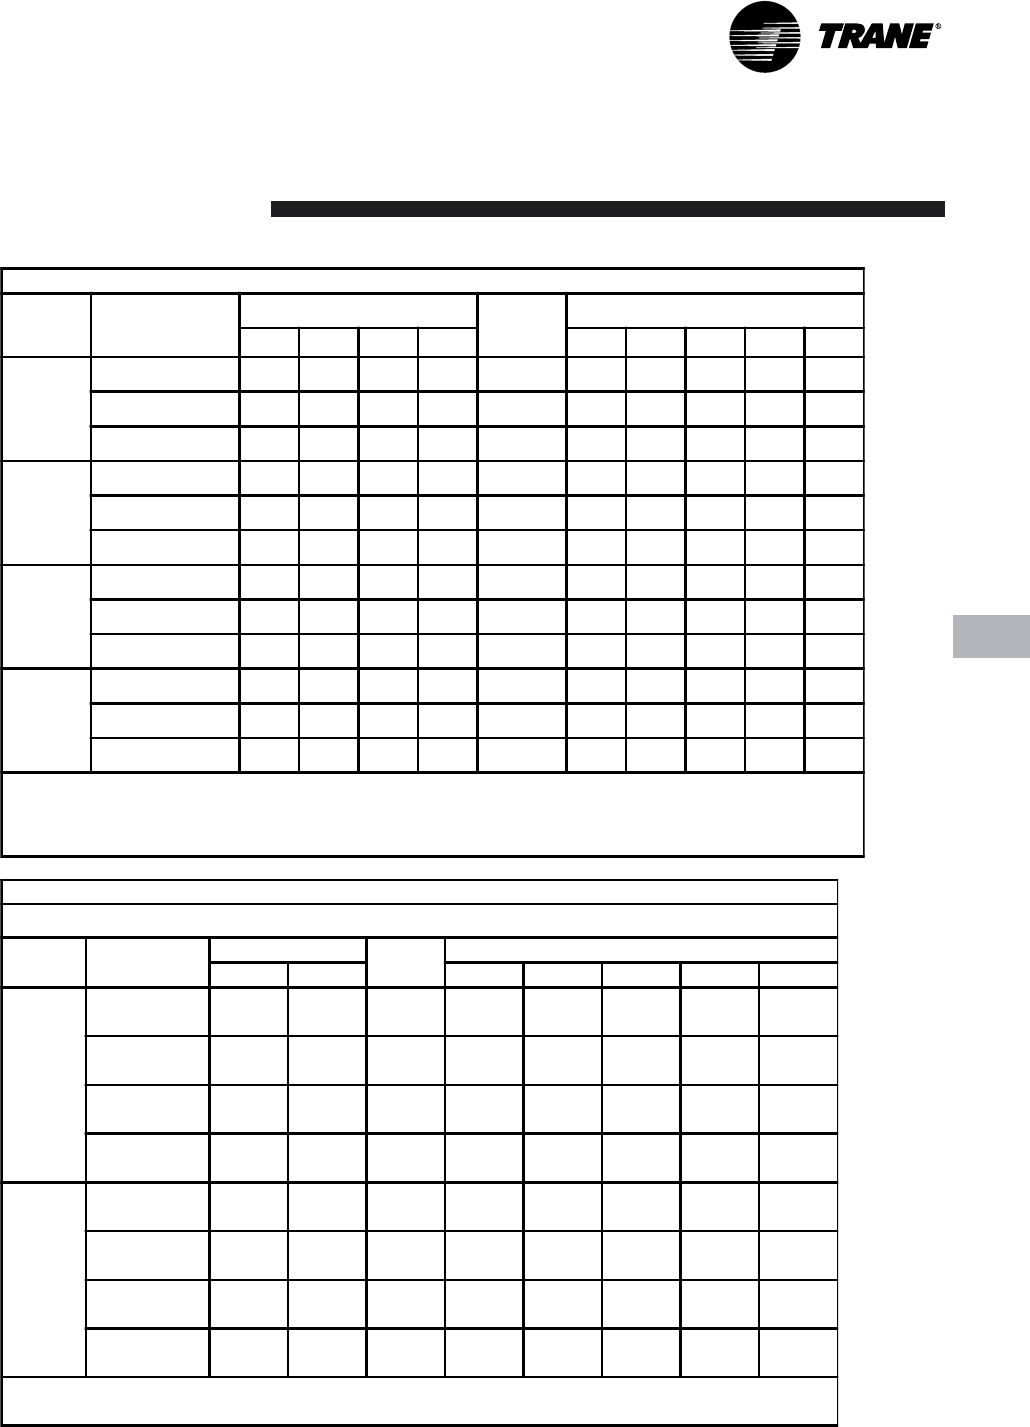 Trane 80 Users Manual 221682_5.p65